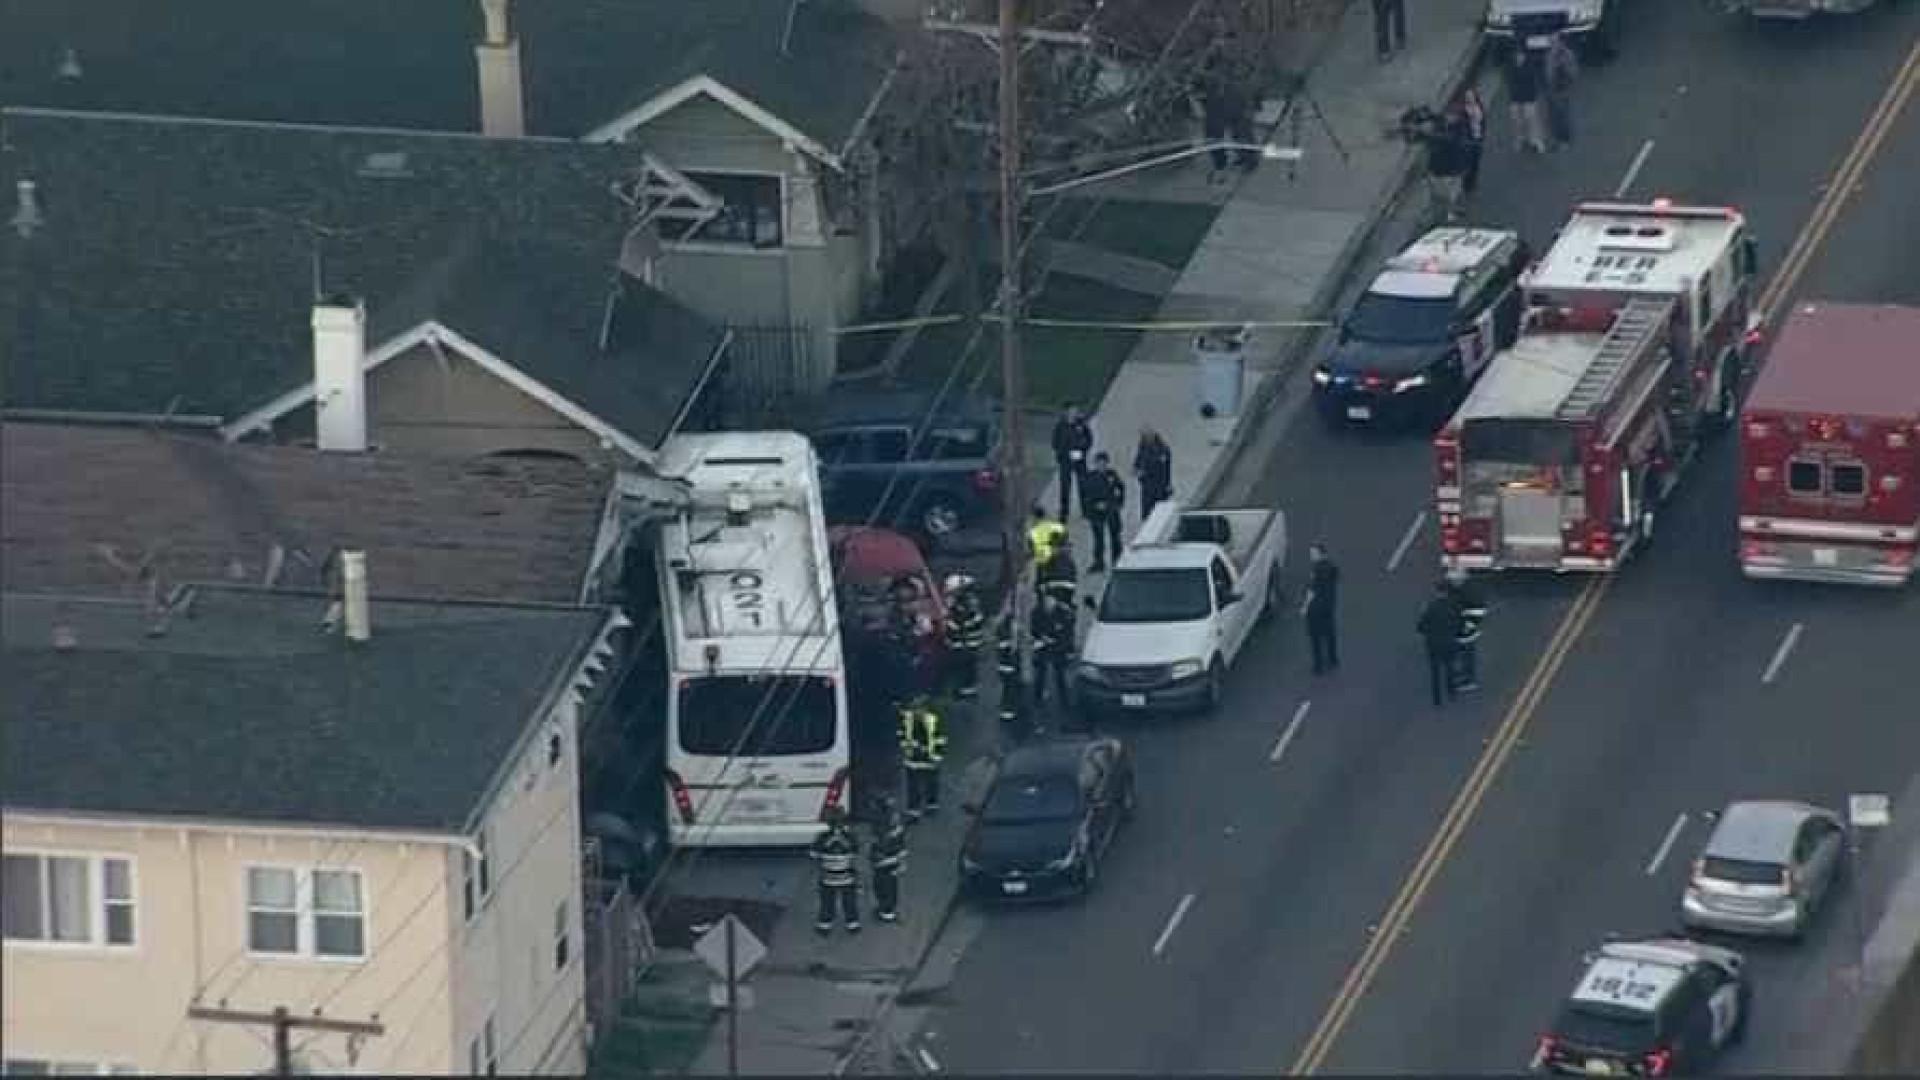 Ônibus bate em carro, invade casa e mata uma pessoa na Califórnia